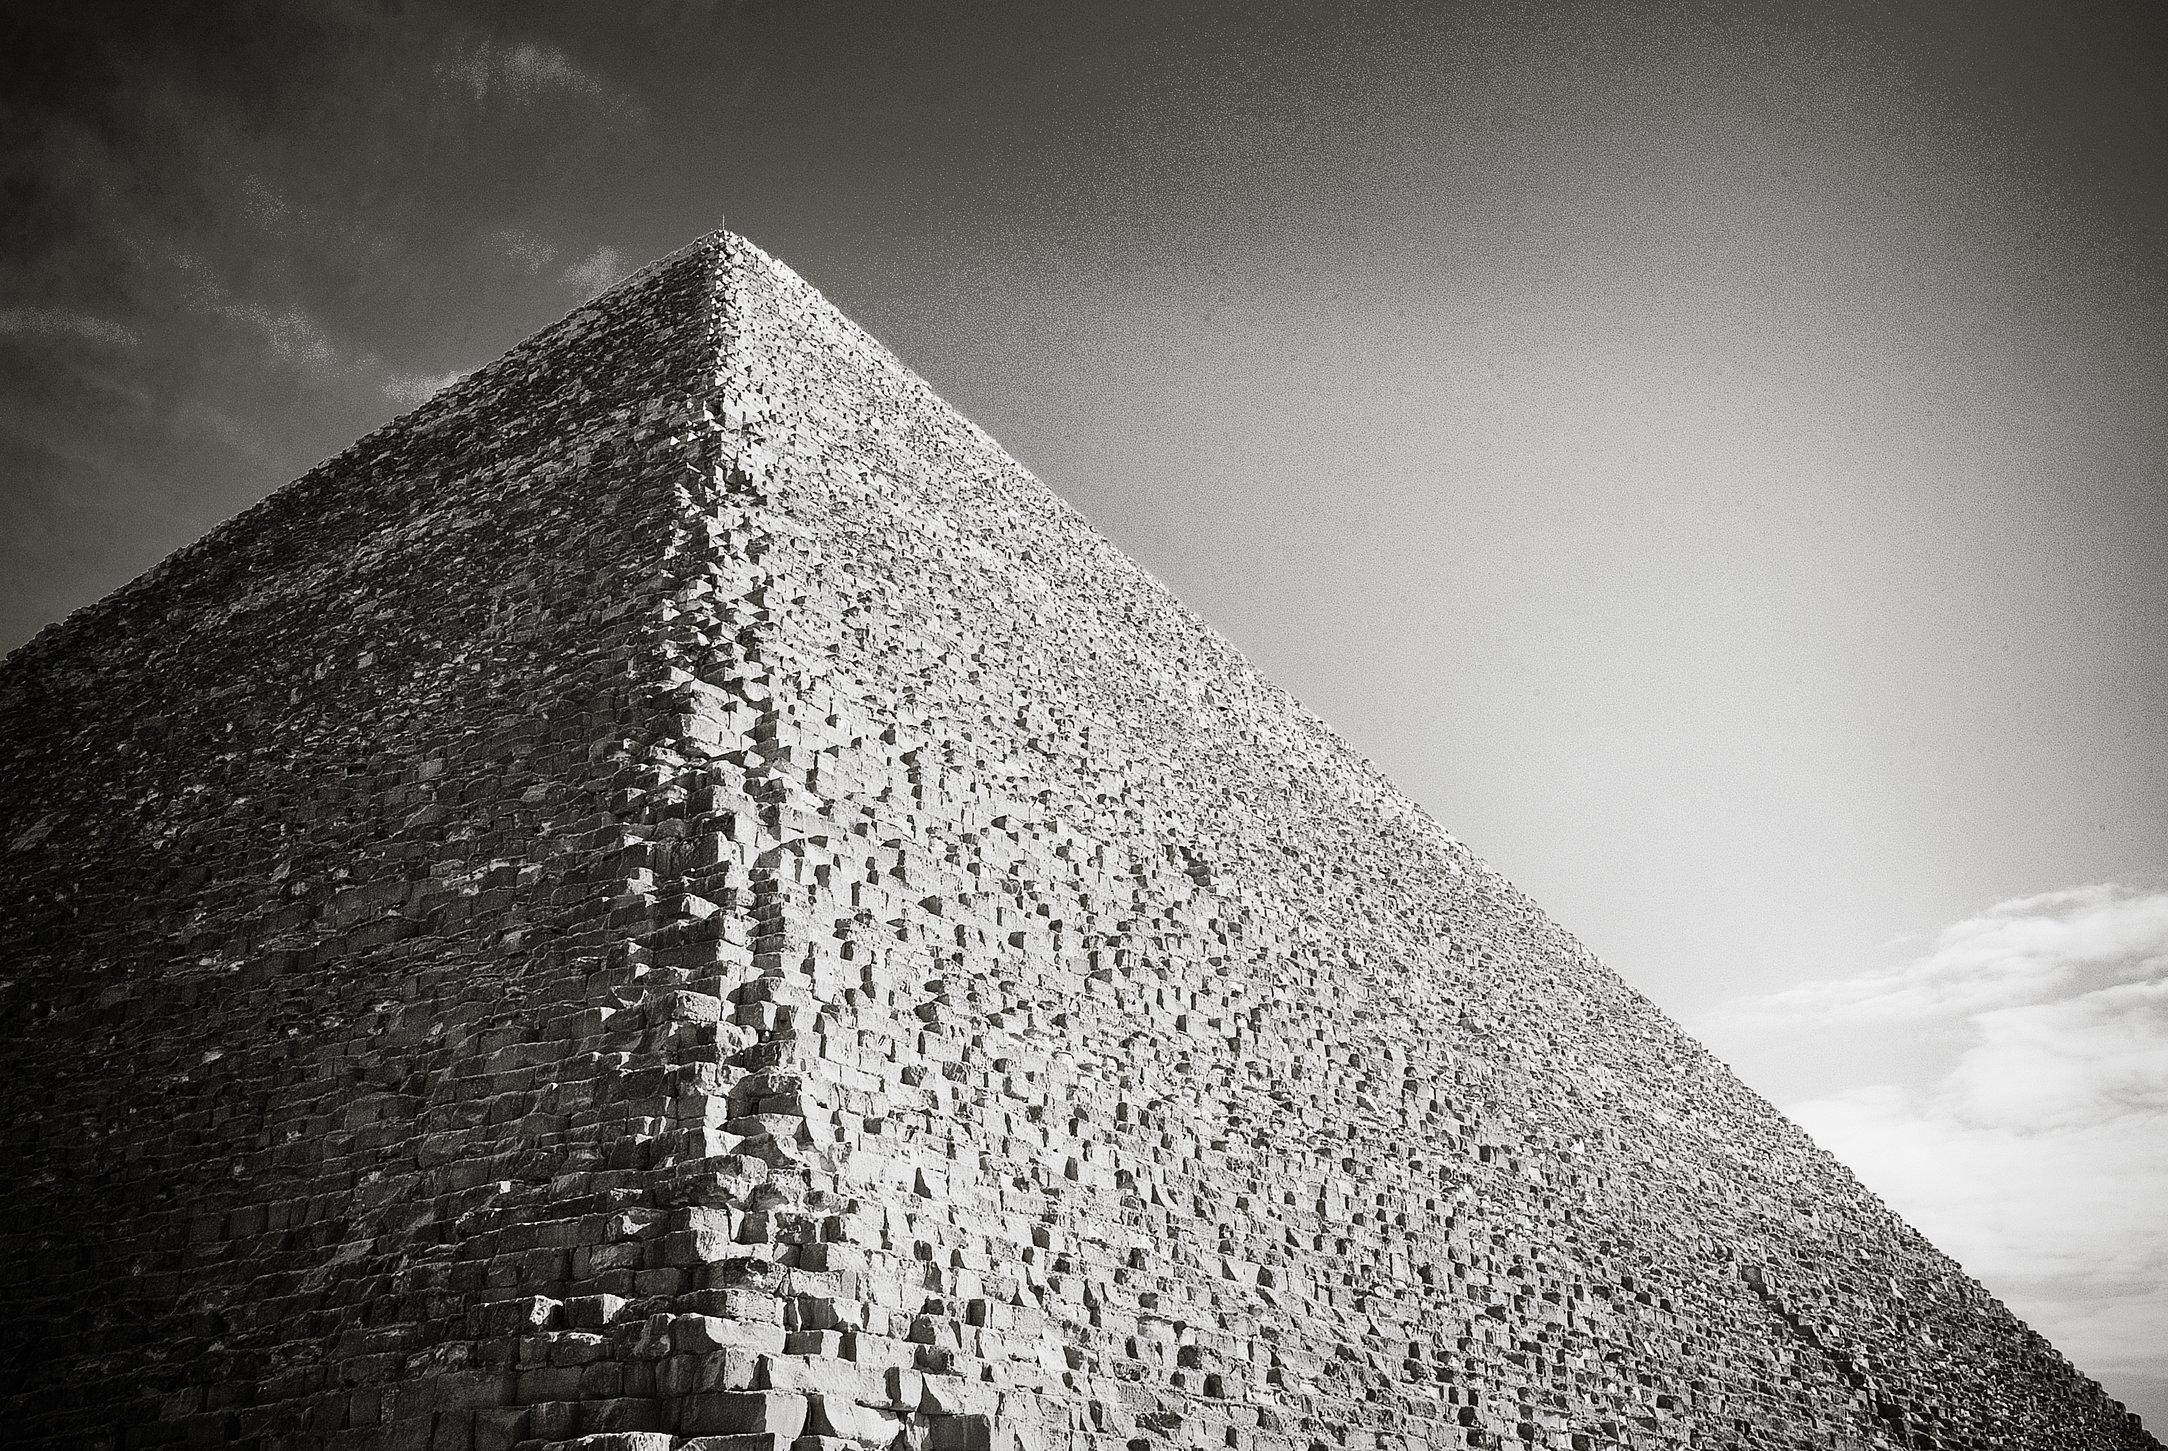 B&W Pyramid I